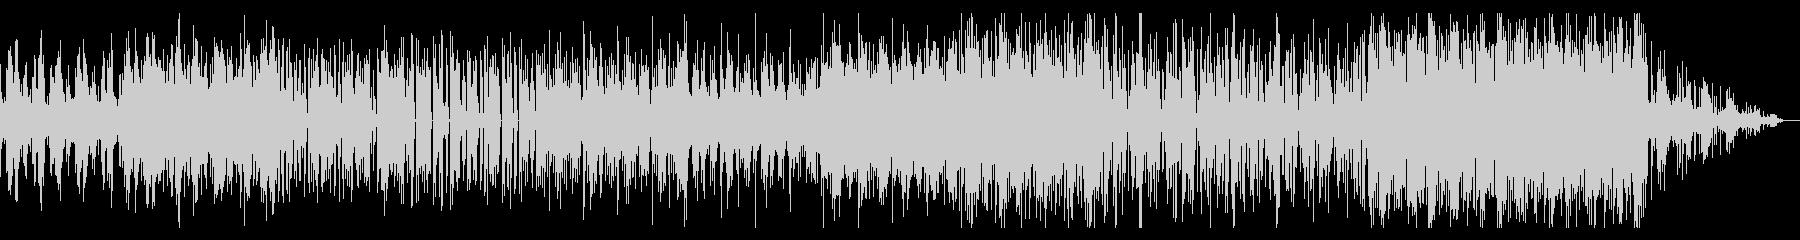 うねる音の主張の独特なシネマティックBGの未再生の波形